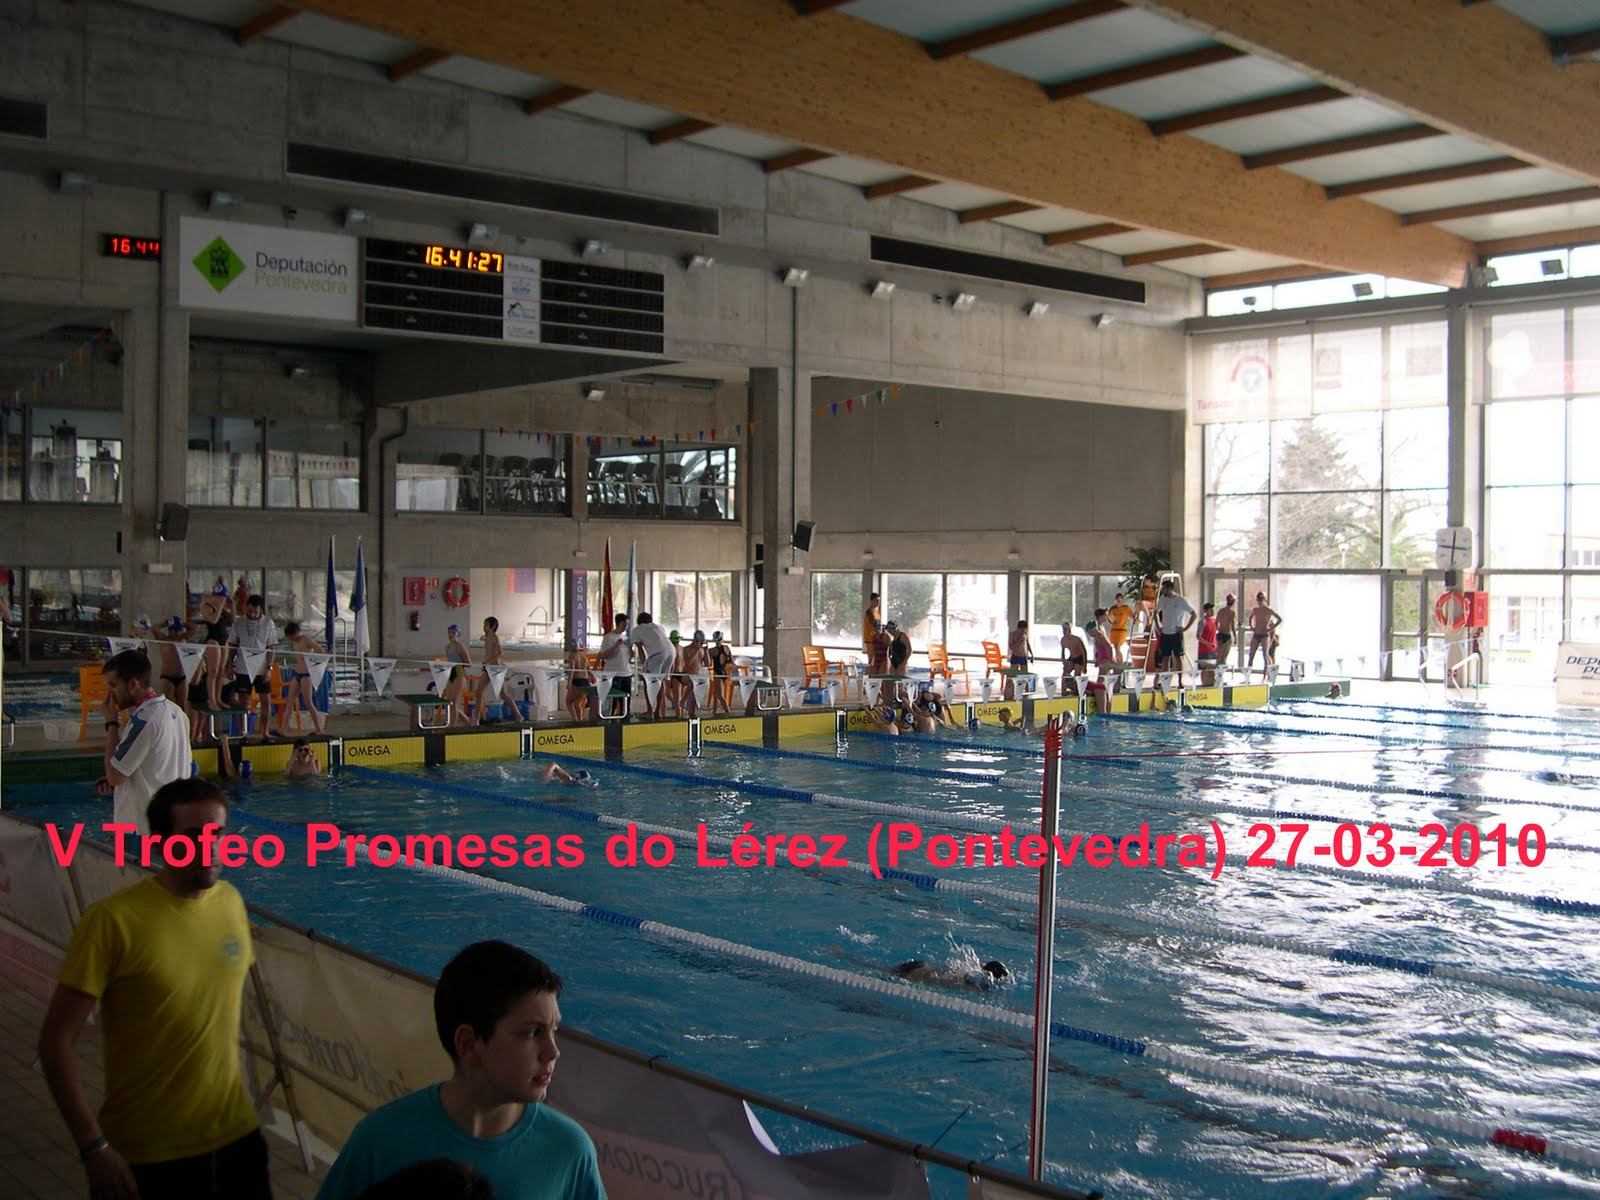 Club nataci n arroaz fene v trofeo promesas do l rez pontevedra piscina r as do sur 27 03 2010 - Piscinas en pontevedra ...